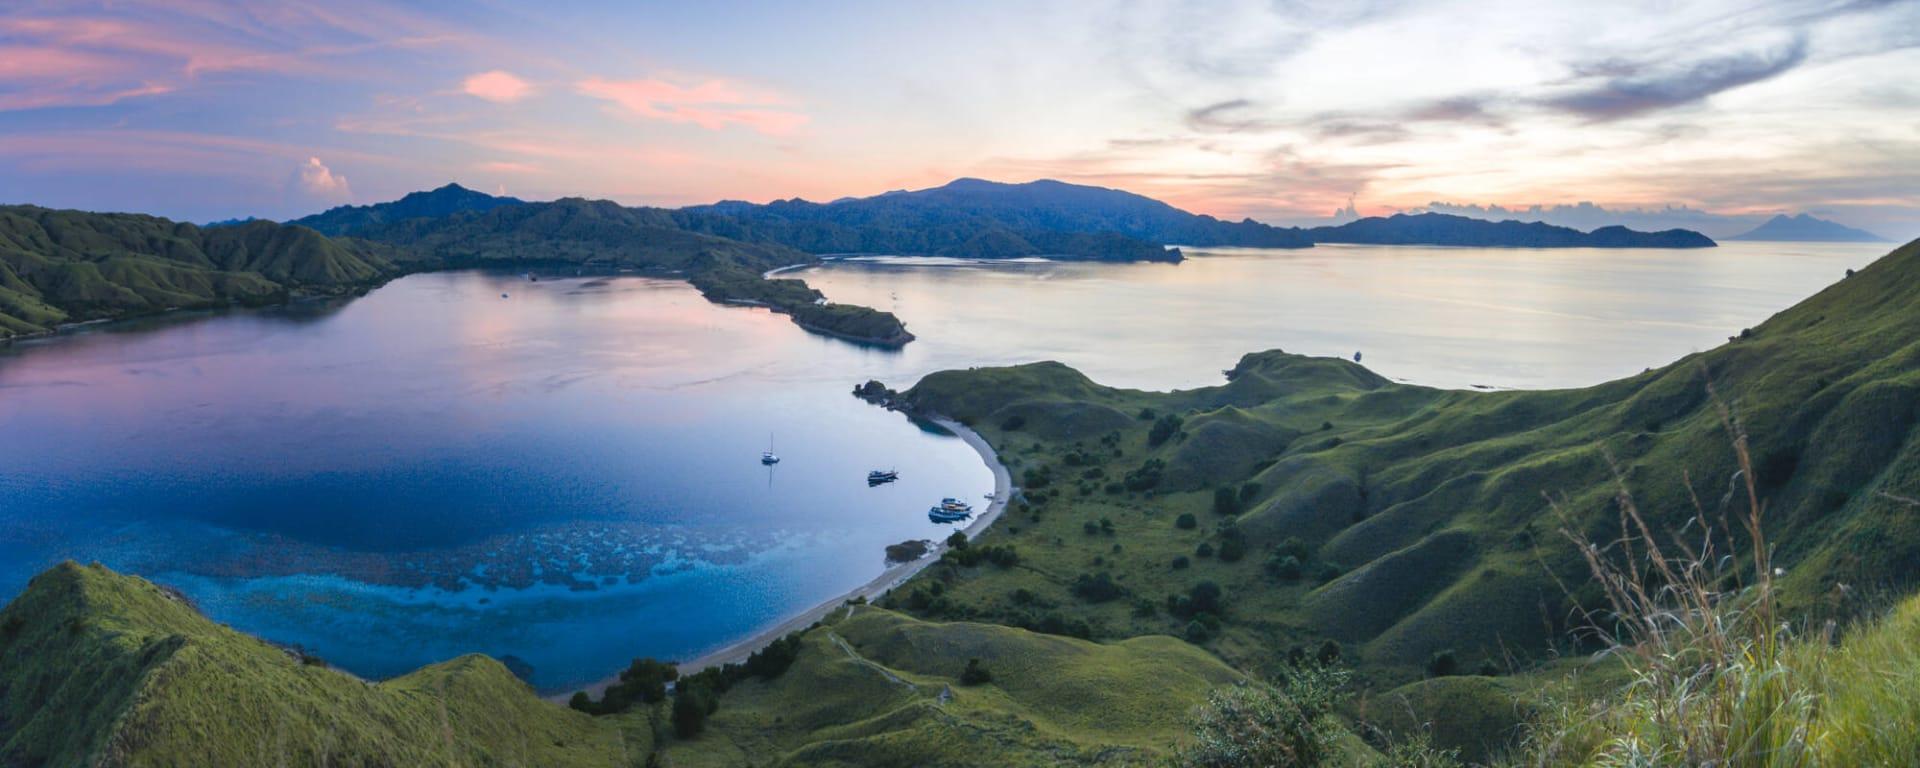 Indonesien entdecken mit Tischler Reisen: Indonesien Flores Insel Komodo